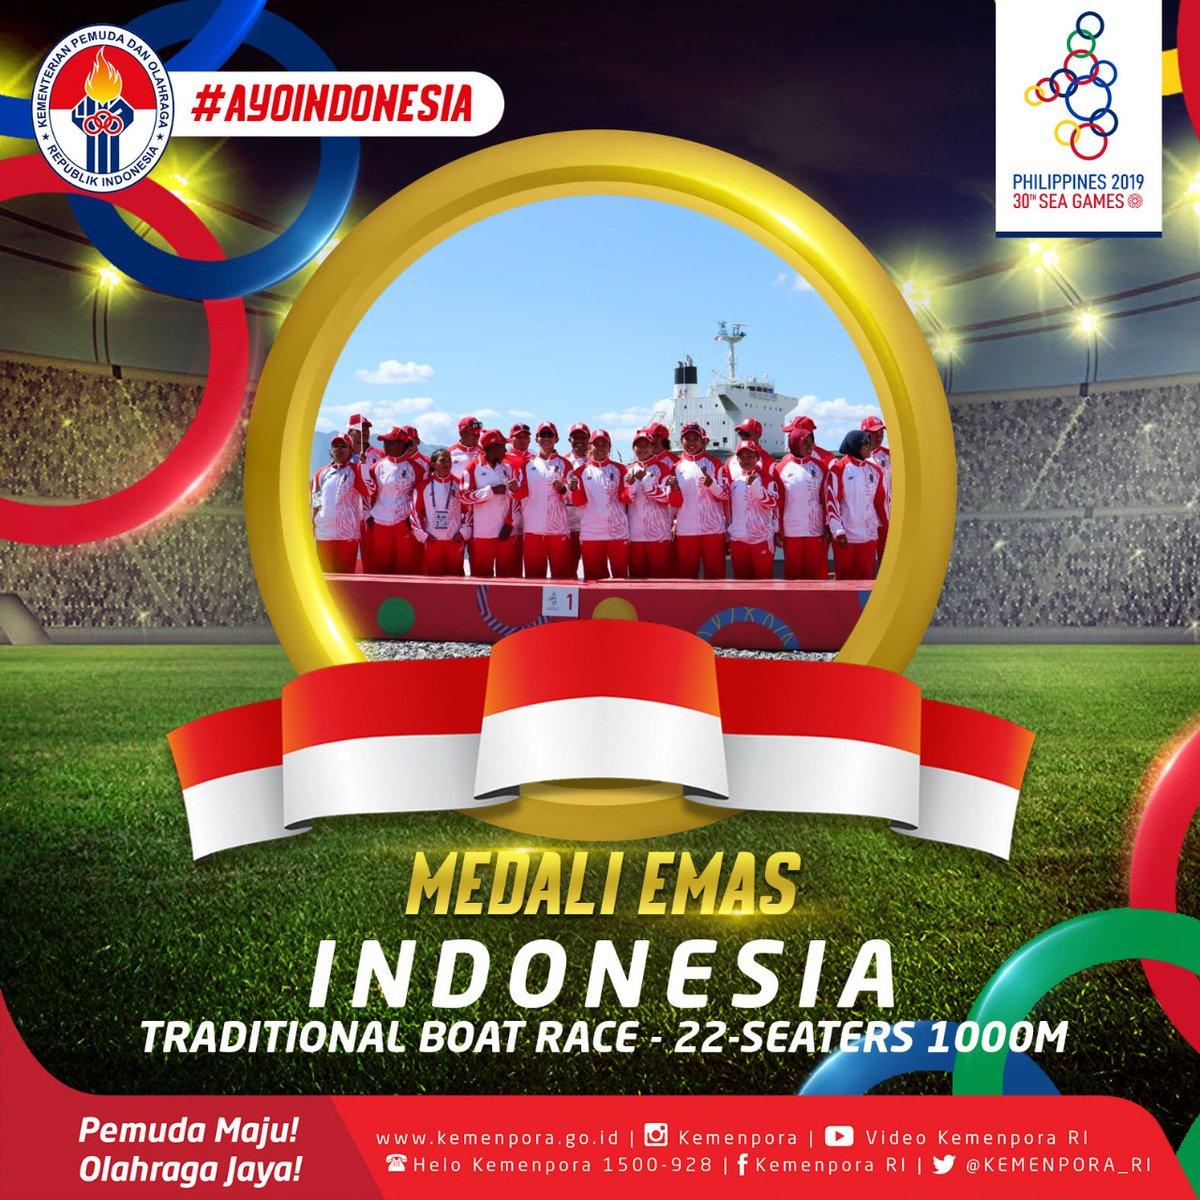 Tim Perahu Naga Indonesia kembali naik podium puncak usai menjadi yang tercepat di nomor Mixed 22 Seaters 1000 meter. EMAS lagi buat Indonesia. Terima kasih Tim Perahu Naga 🙏 #Kemenpora #PemudaMajuOlahragaJaya #SEAGames2019